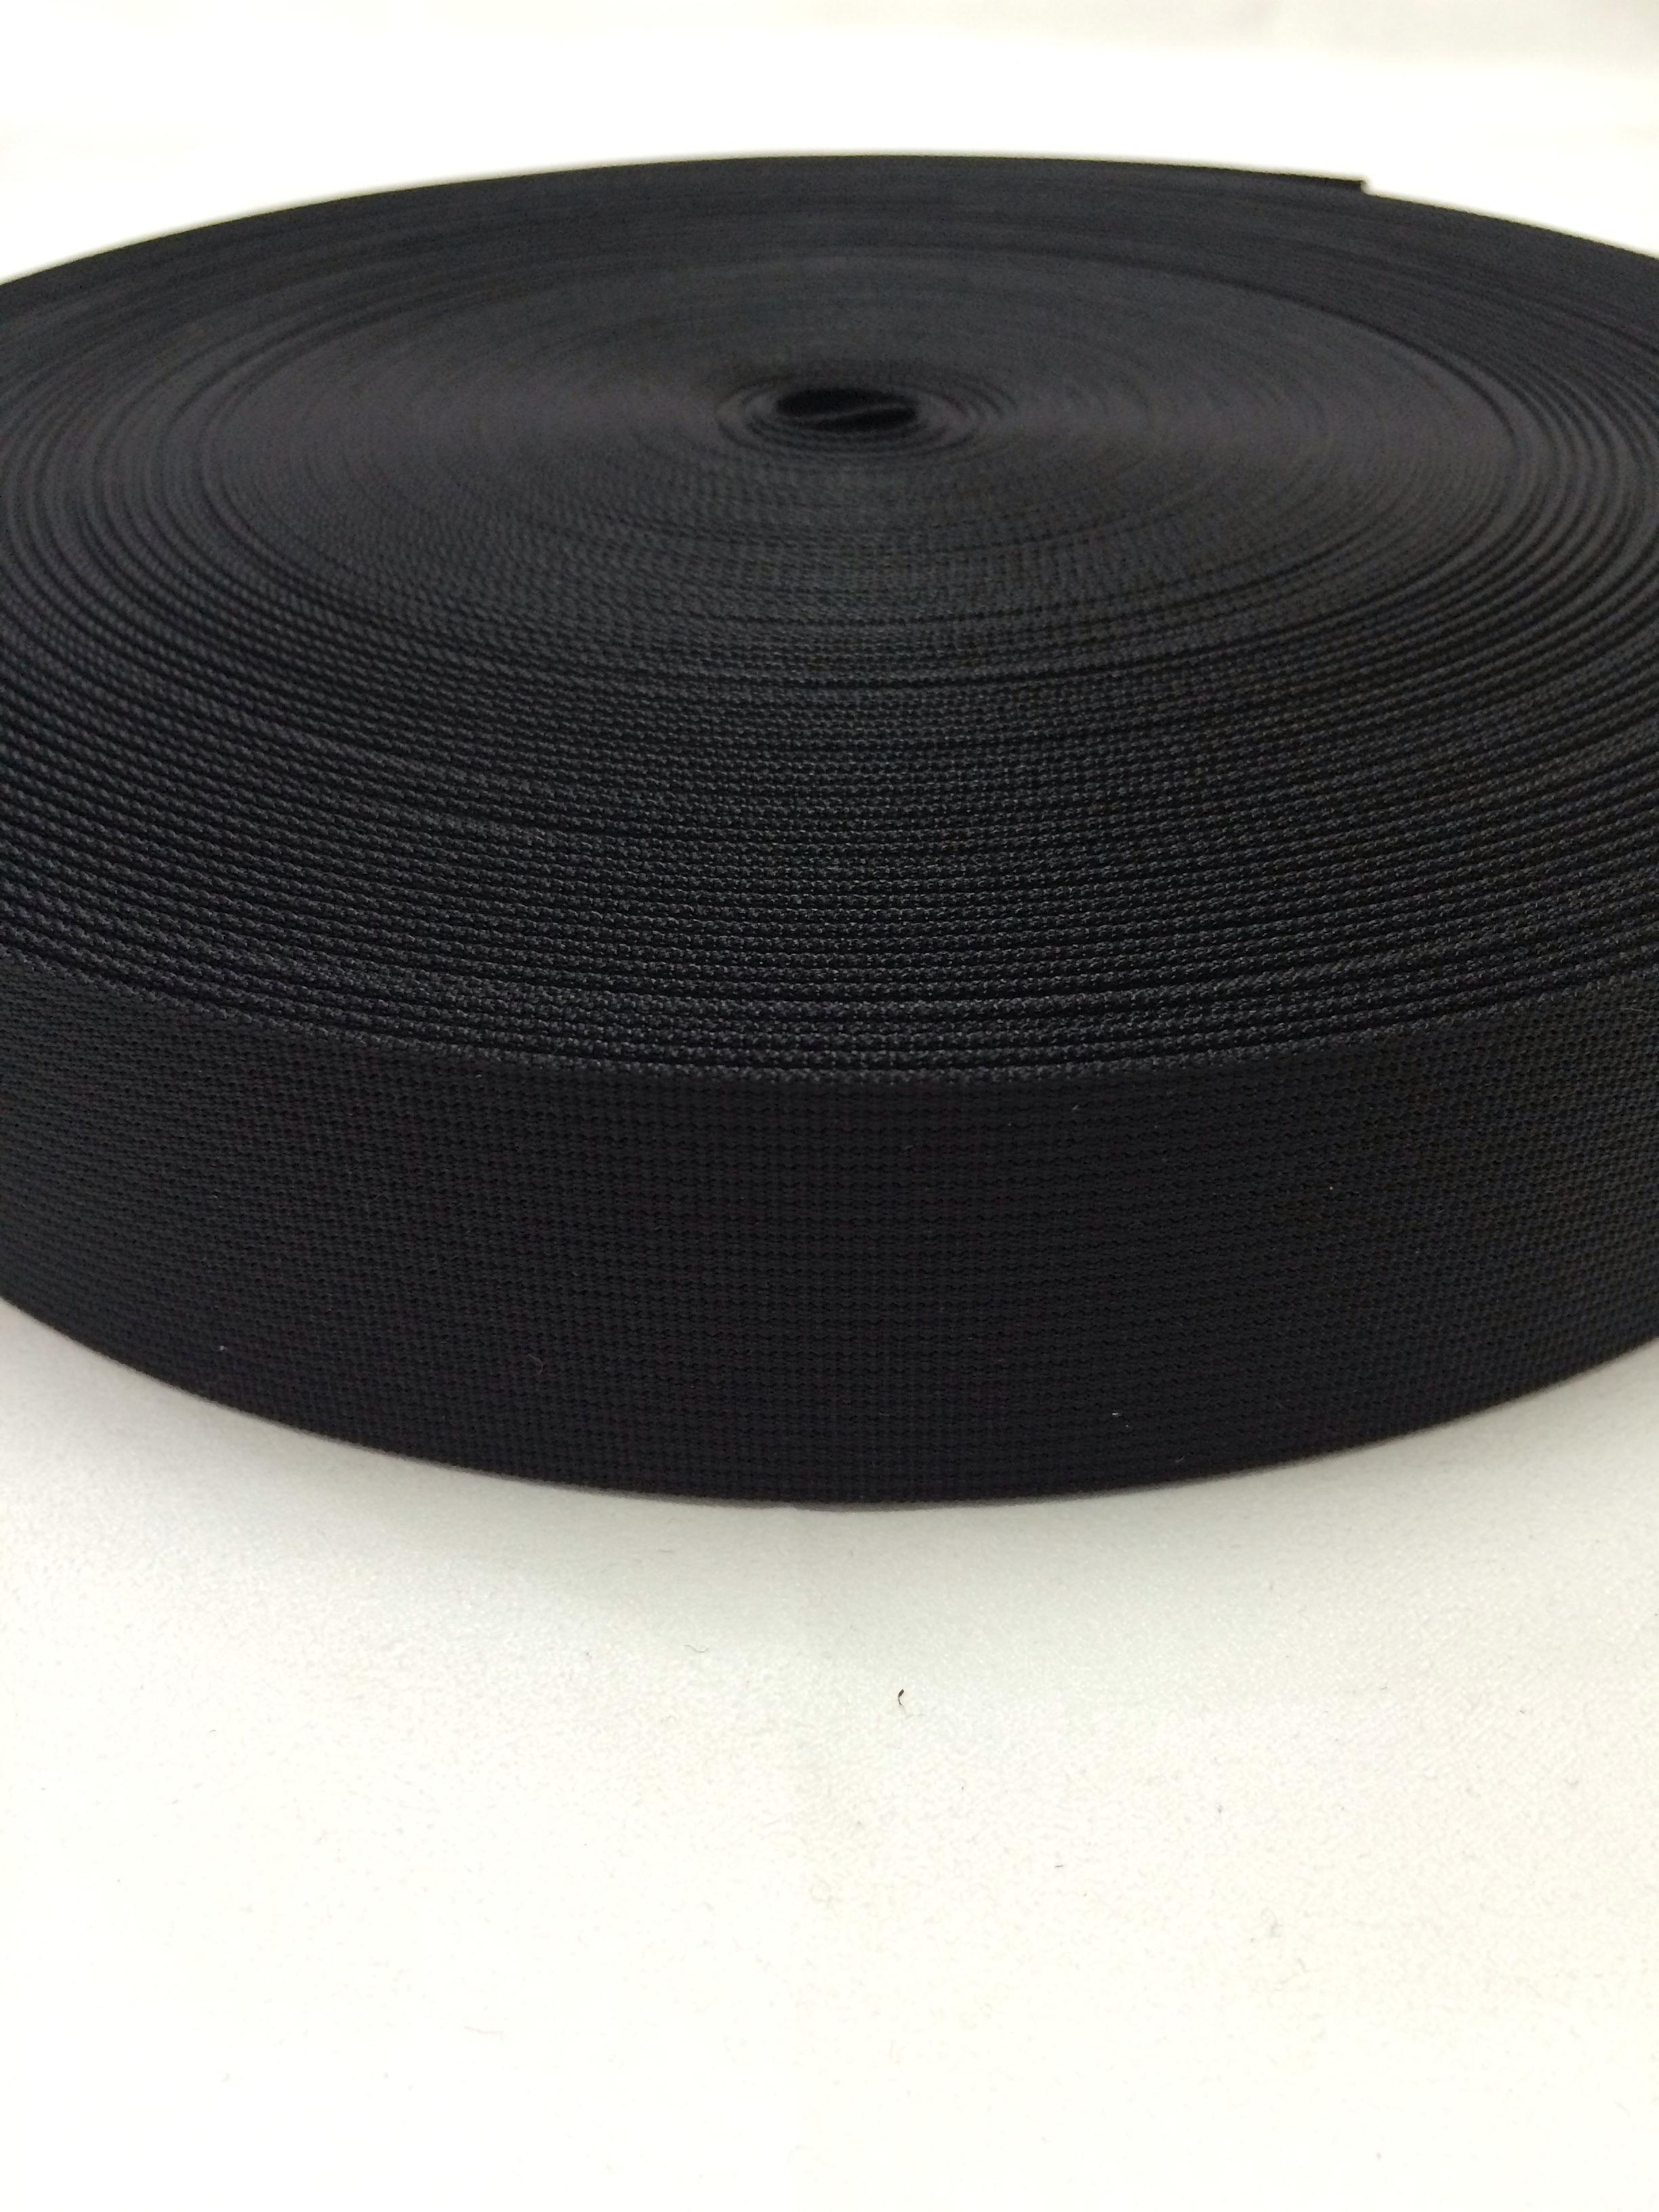 ナイロンベルト 高密度織 38mm幅 1mm厚 黒 1m